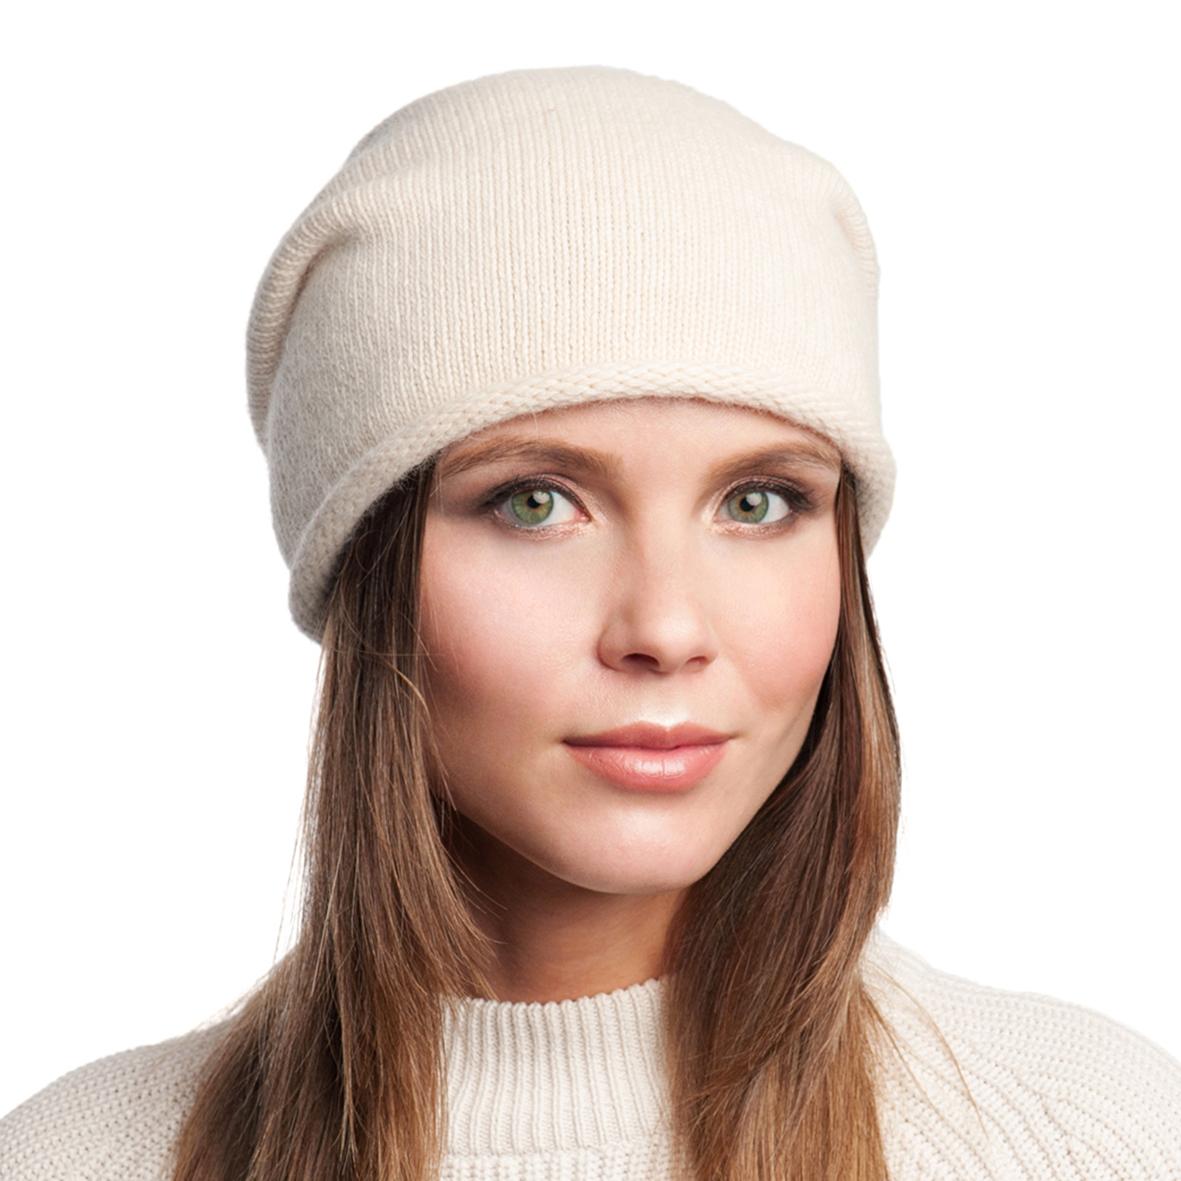 Шапка женская из текстиля, без отделки Московская Меховая Компания